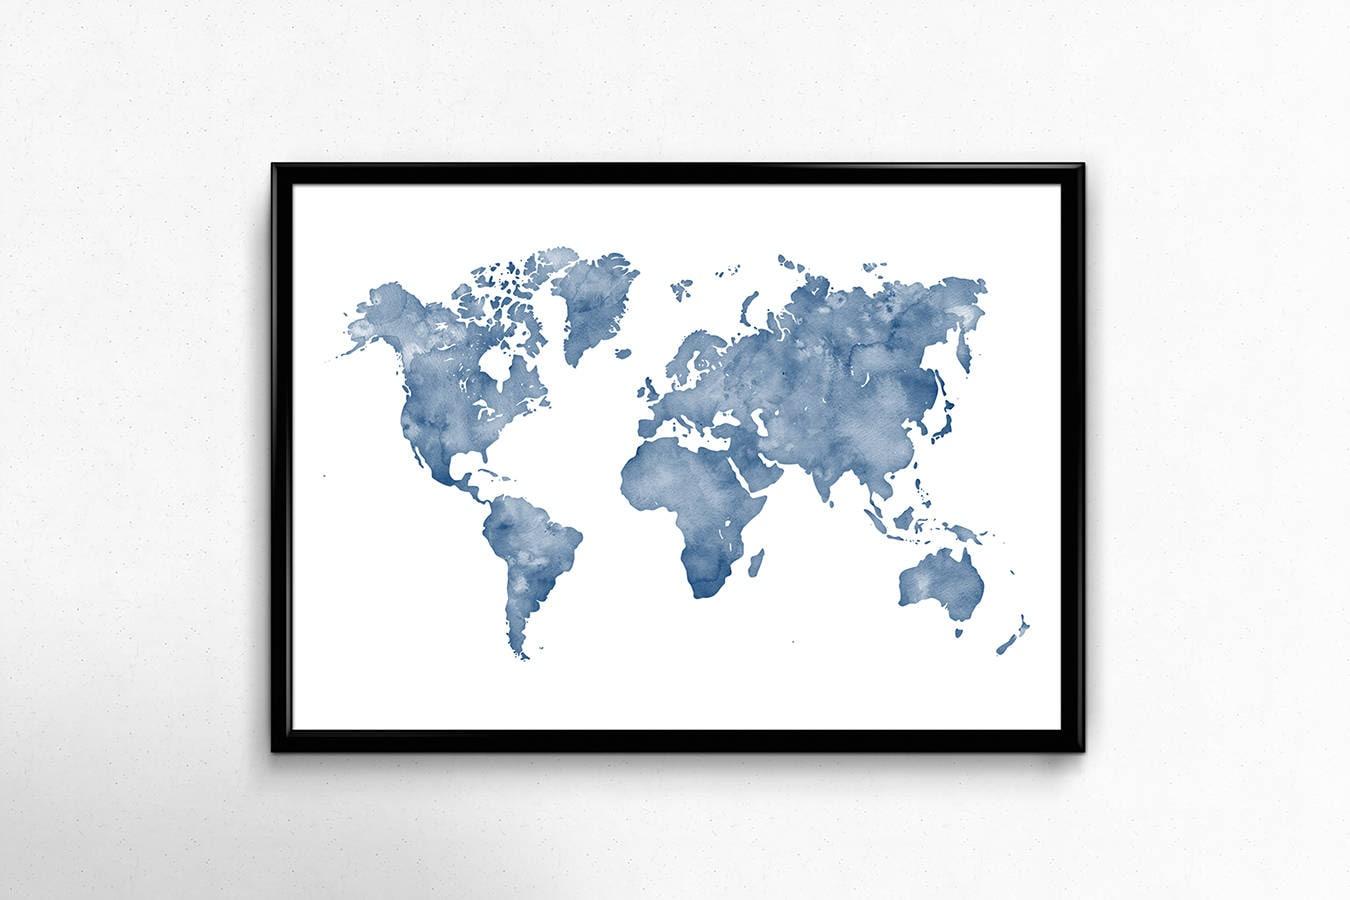 Blue watercolor world map wall art, Map print, Map art, World map poster, Wanderlust art print, Office decor, Navy blue map